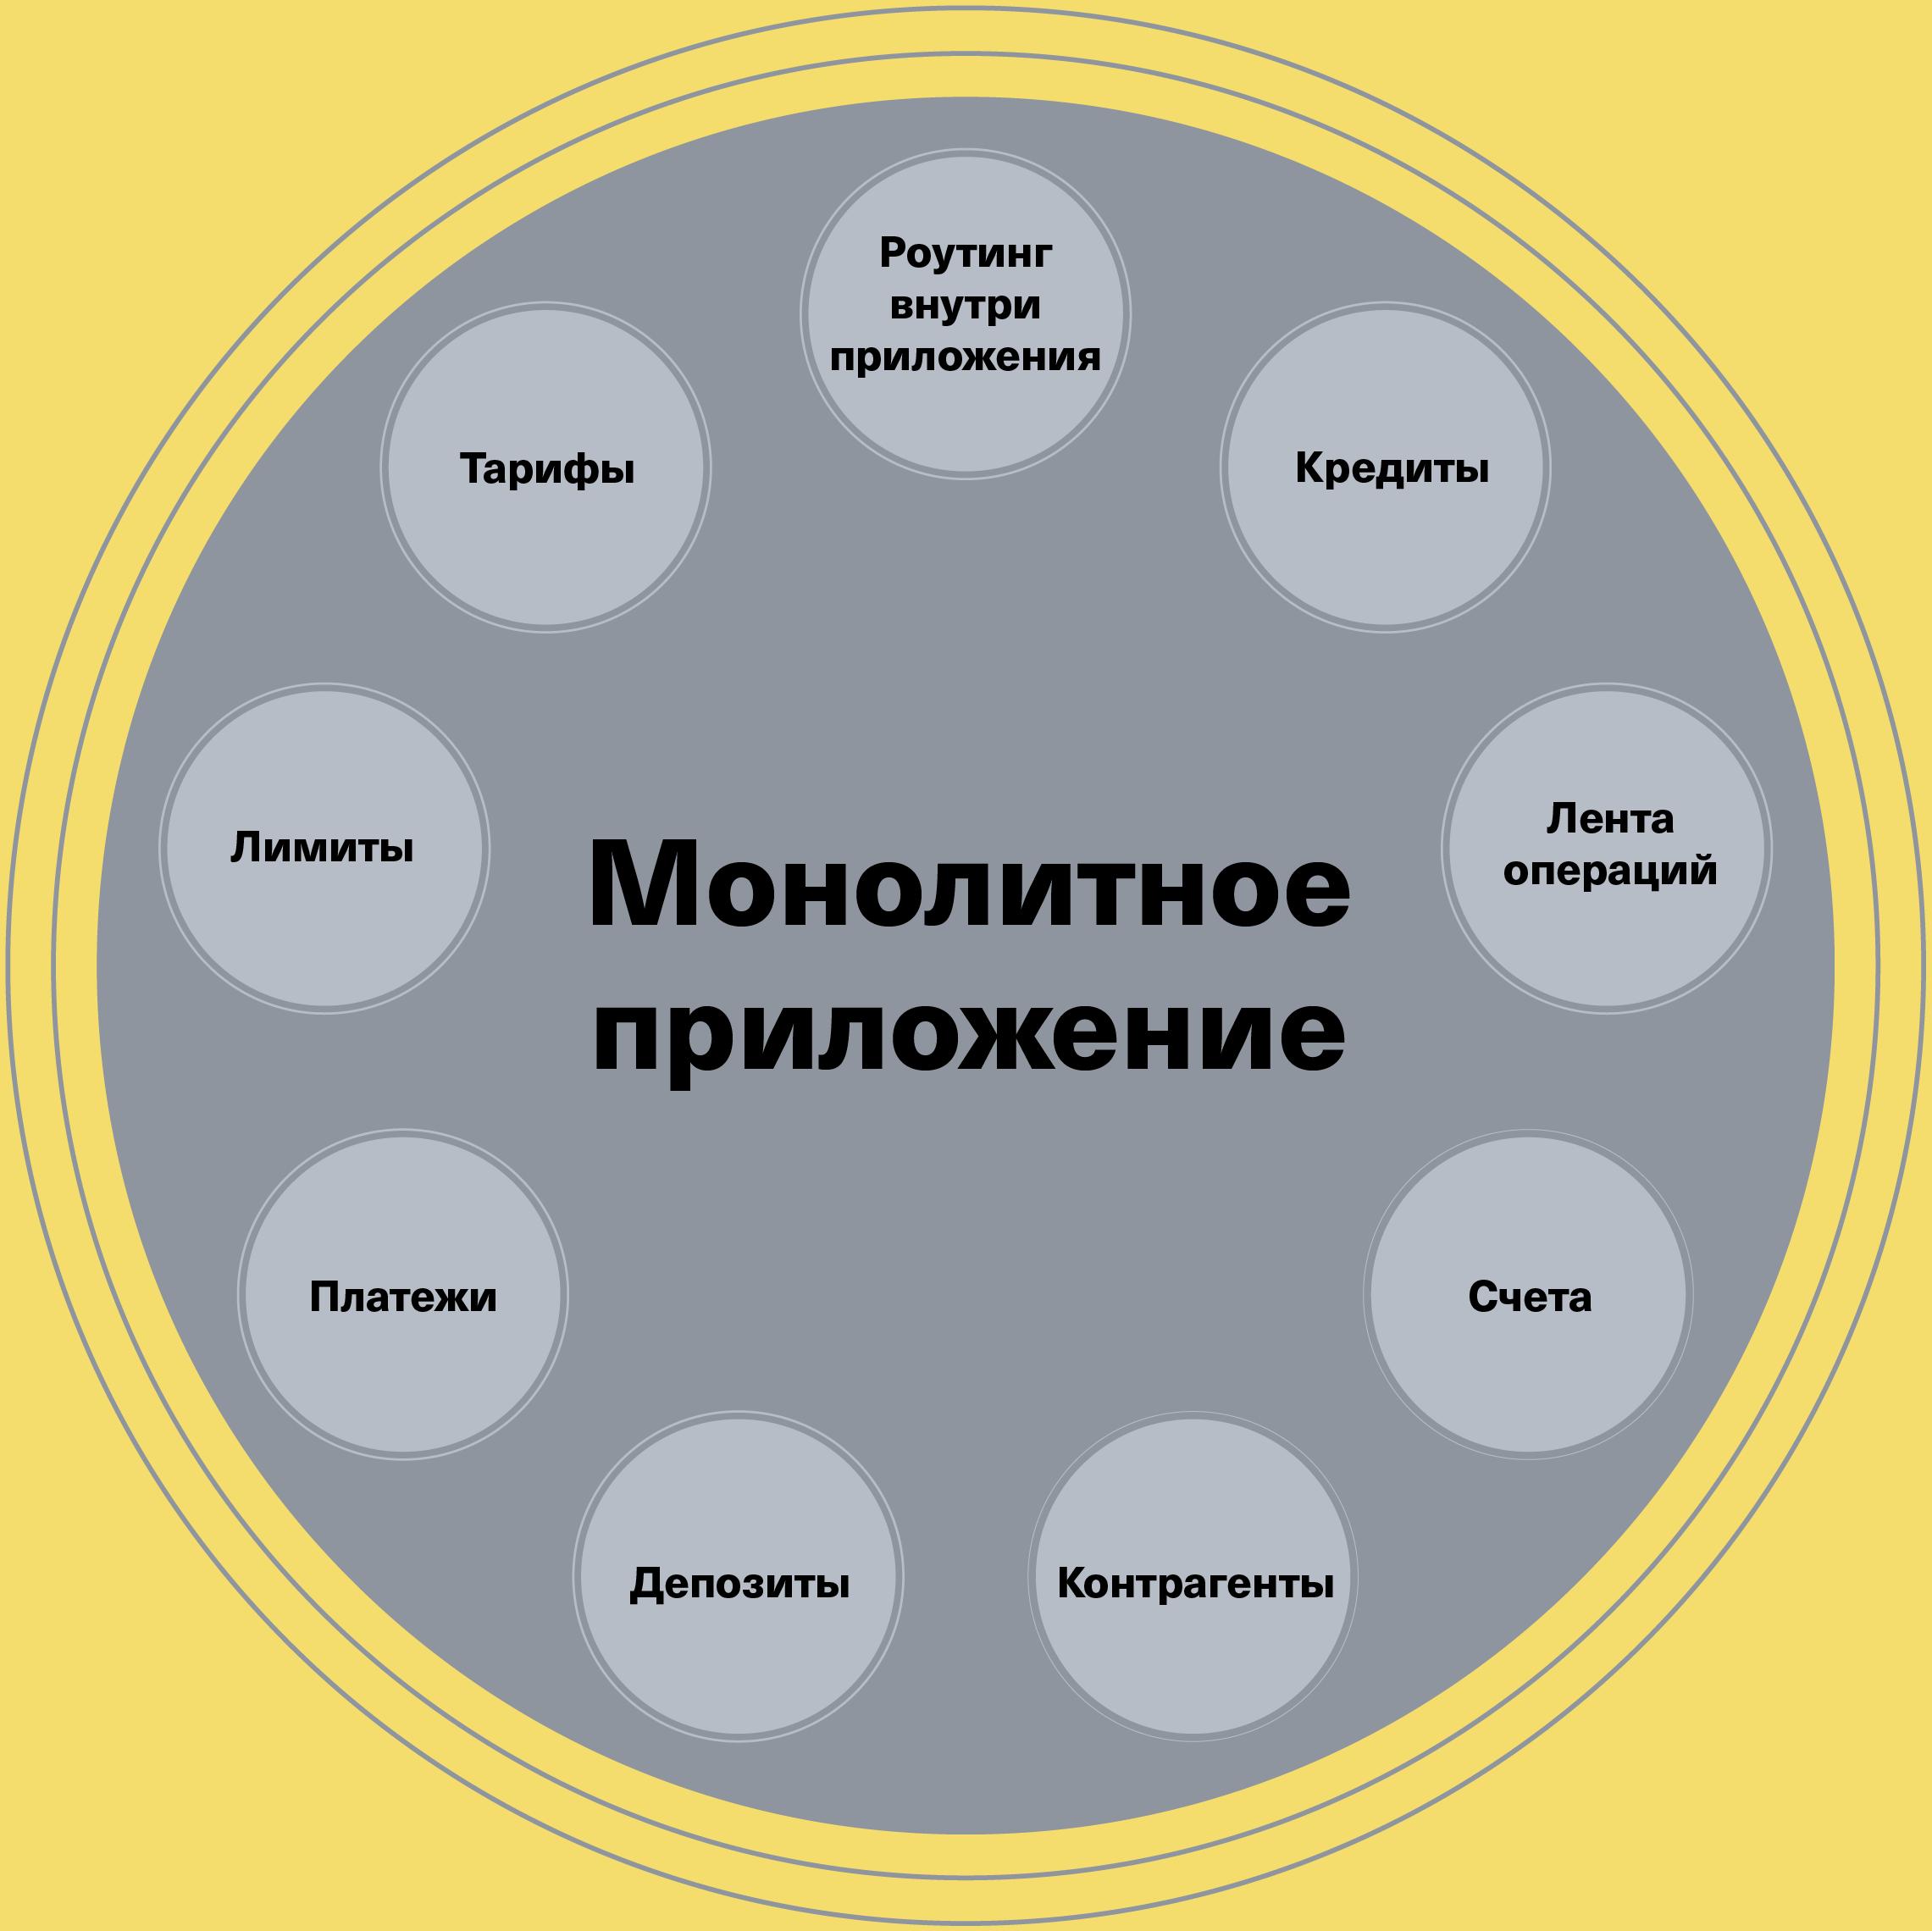 Примерная схема монолитного фронтенд-приложения